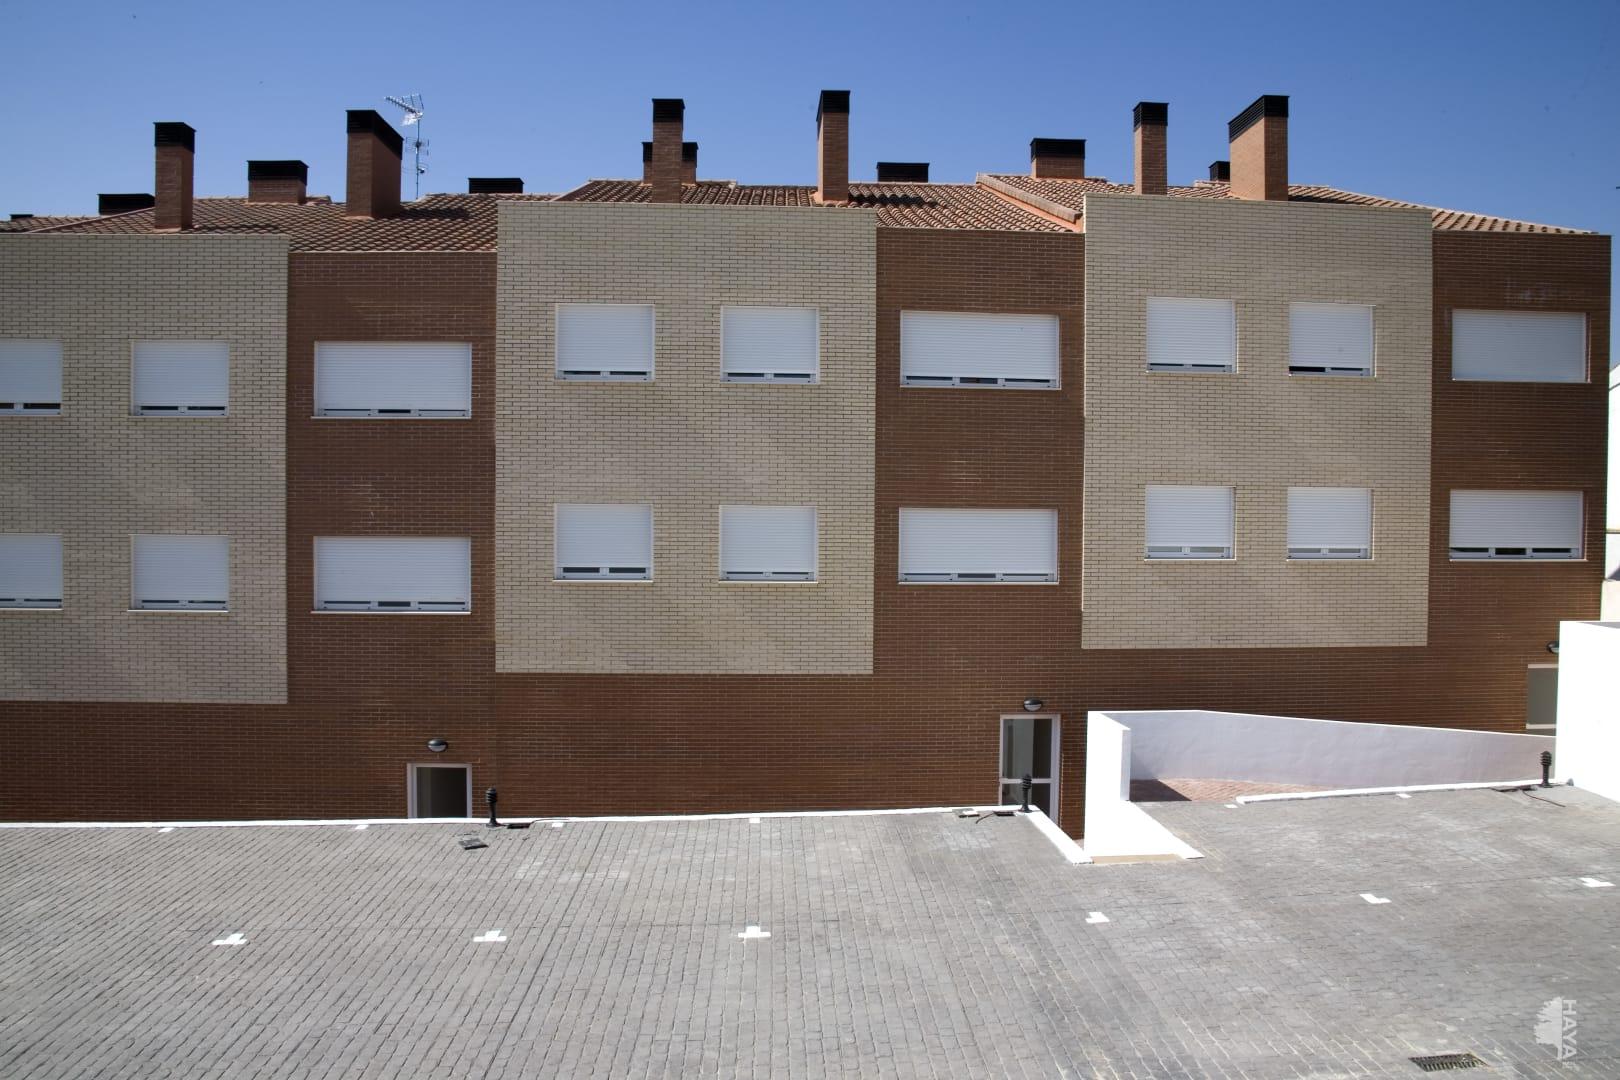 Local en venta en Chozas de Canales, Toledo, Calle Matadero, 45.100 €, 133 m2